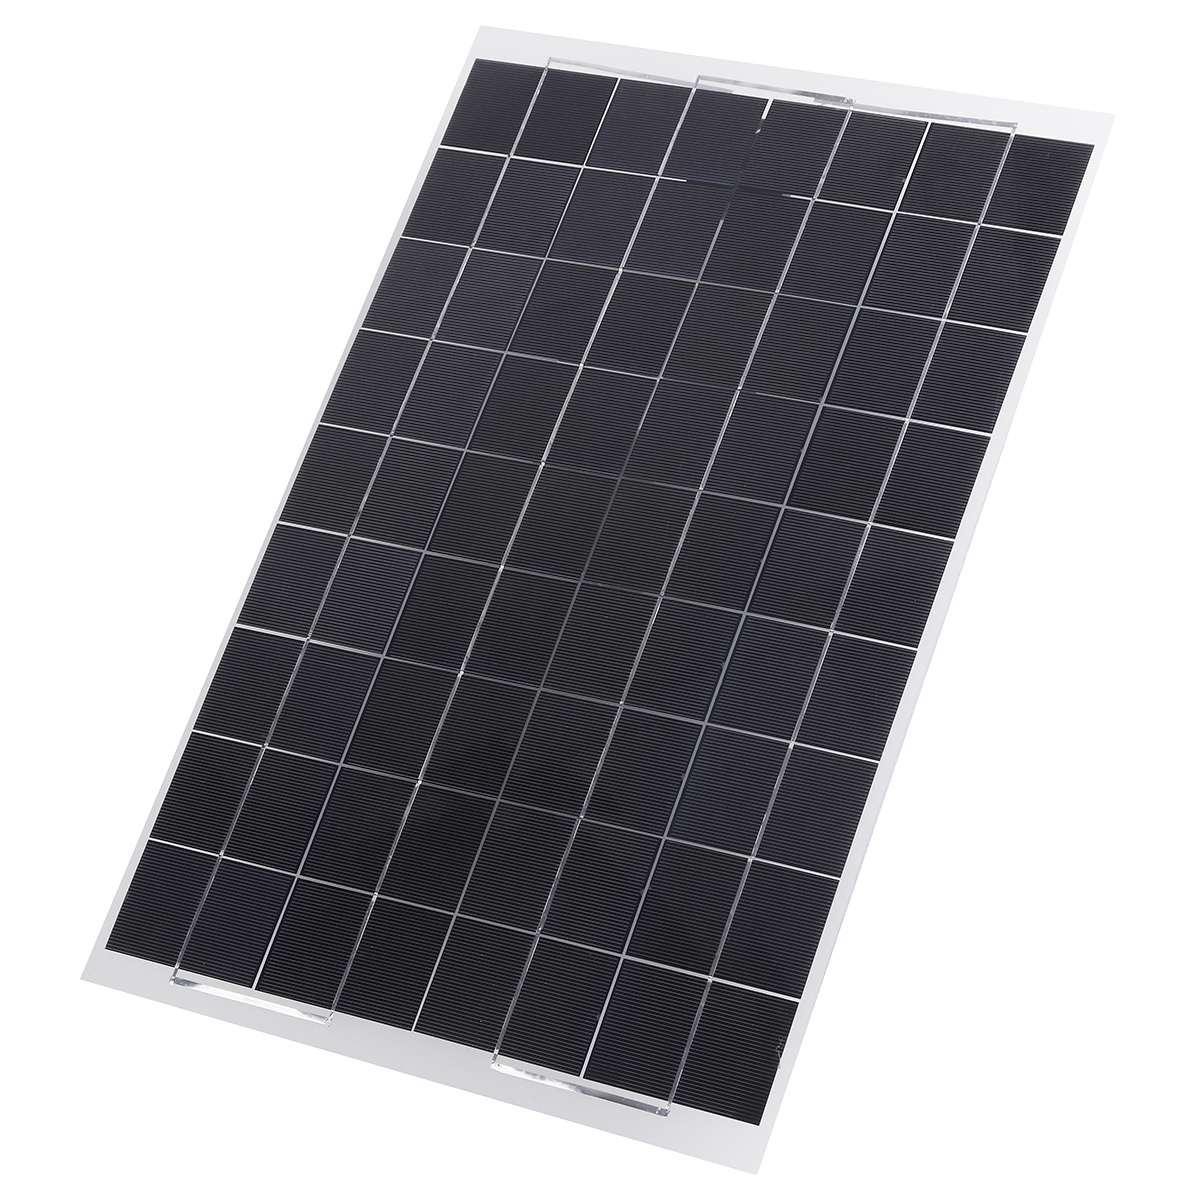 Panneau solaire Flexible plaque 12 V/5 V 10 W 20 W 30 W chargeur solaire pour batterie de voiture 12 V 5 V téléphone batterie Sunpower cellules monocristallines